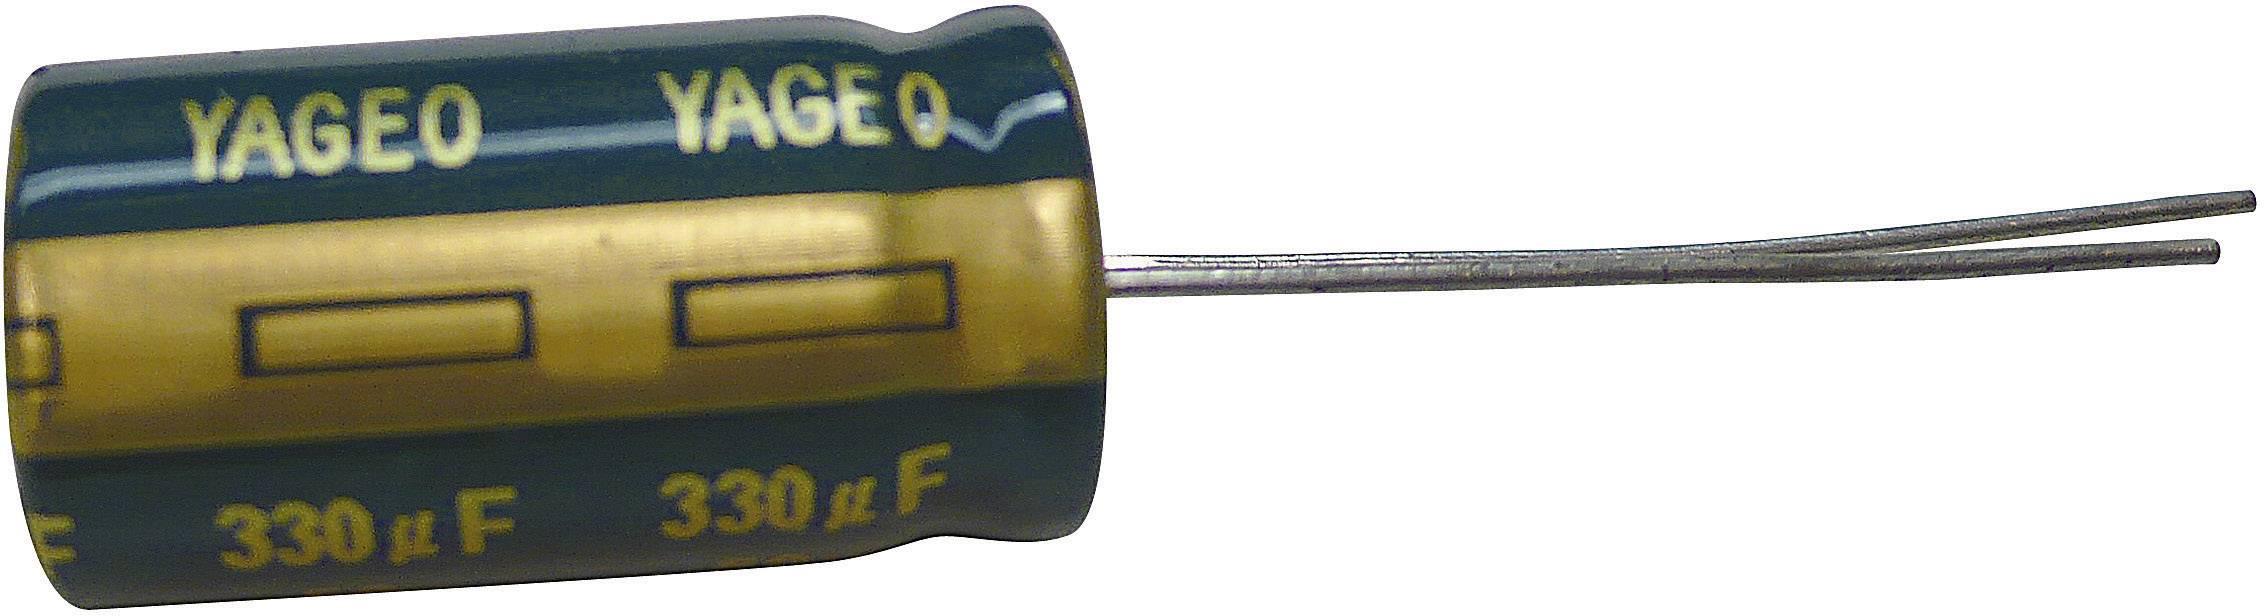 Kondenzátor elektrolytický Yageo SY035M0560B5S-1025, 560 mF, 35 V, 20 %, 25 x 10 mm